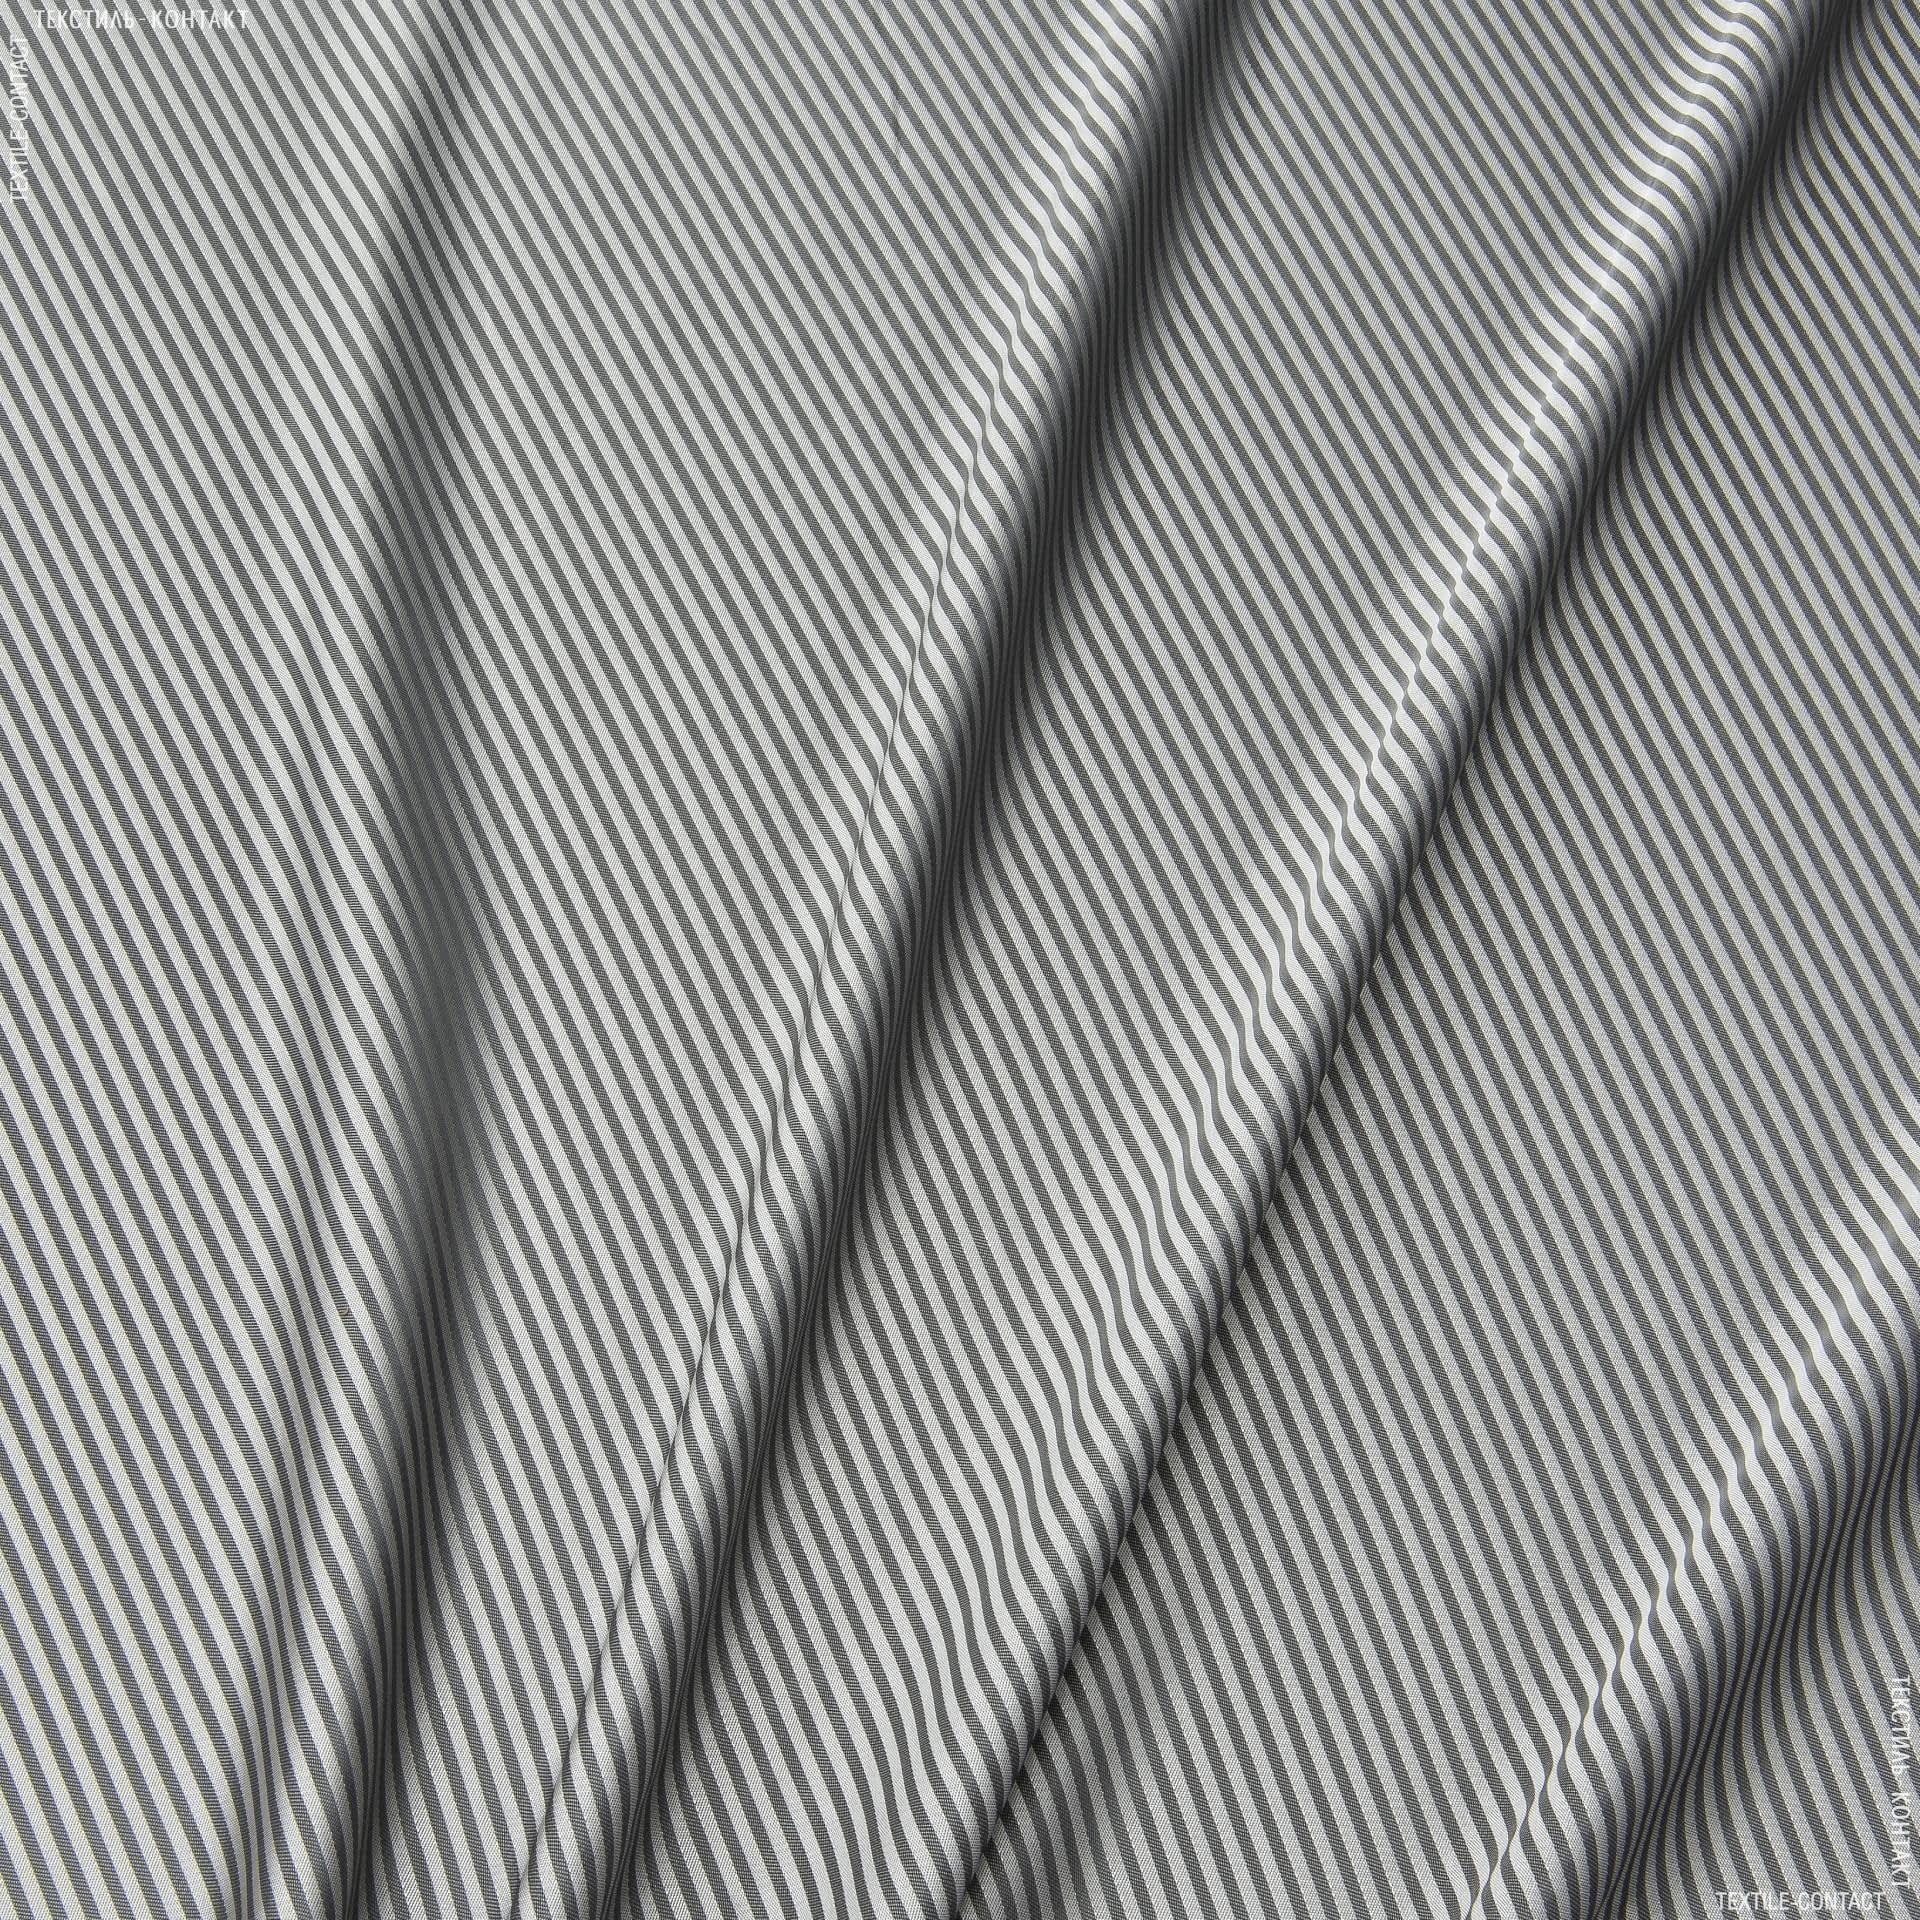 Ткани подкладочная ткань - Подкладочный жаккард хамелеон стальной